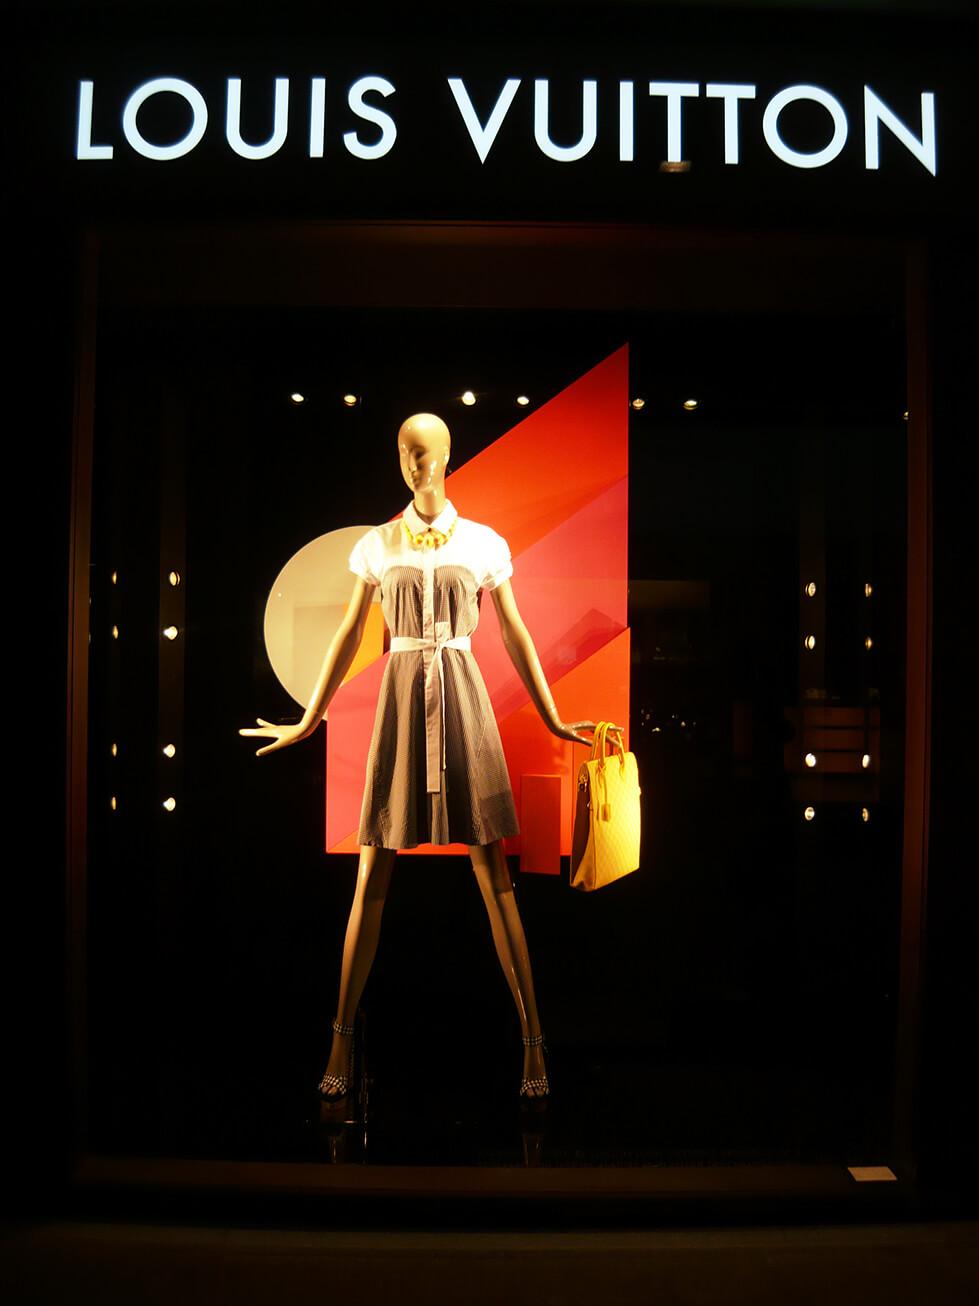 Vitrine de Primavera/Verão 2014 da Louis Vuitton em Veneza - Itália